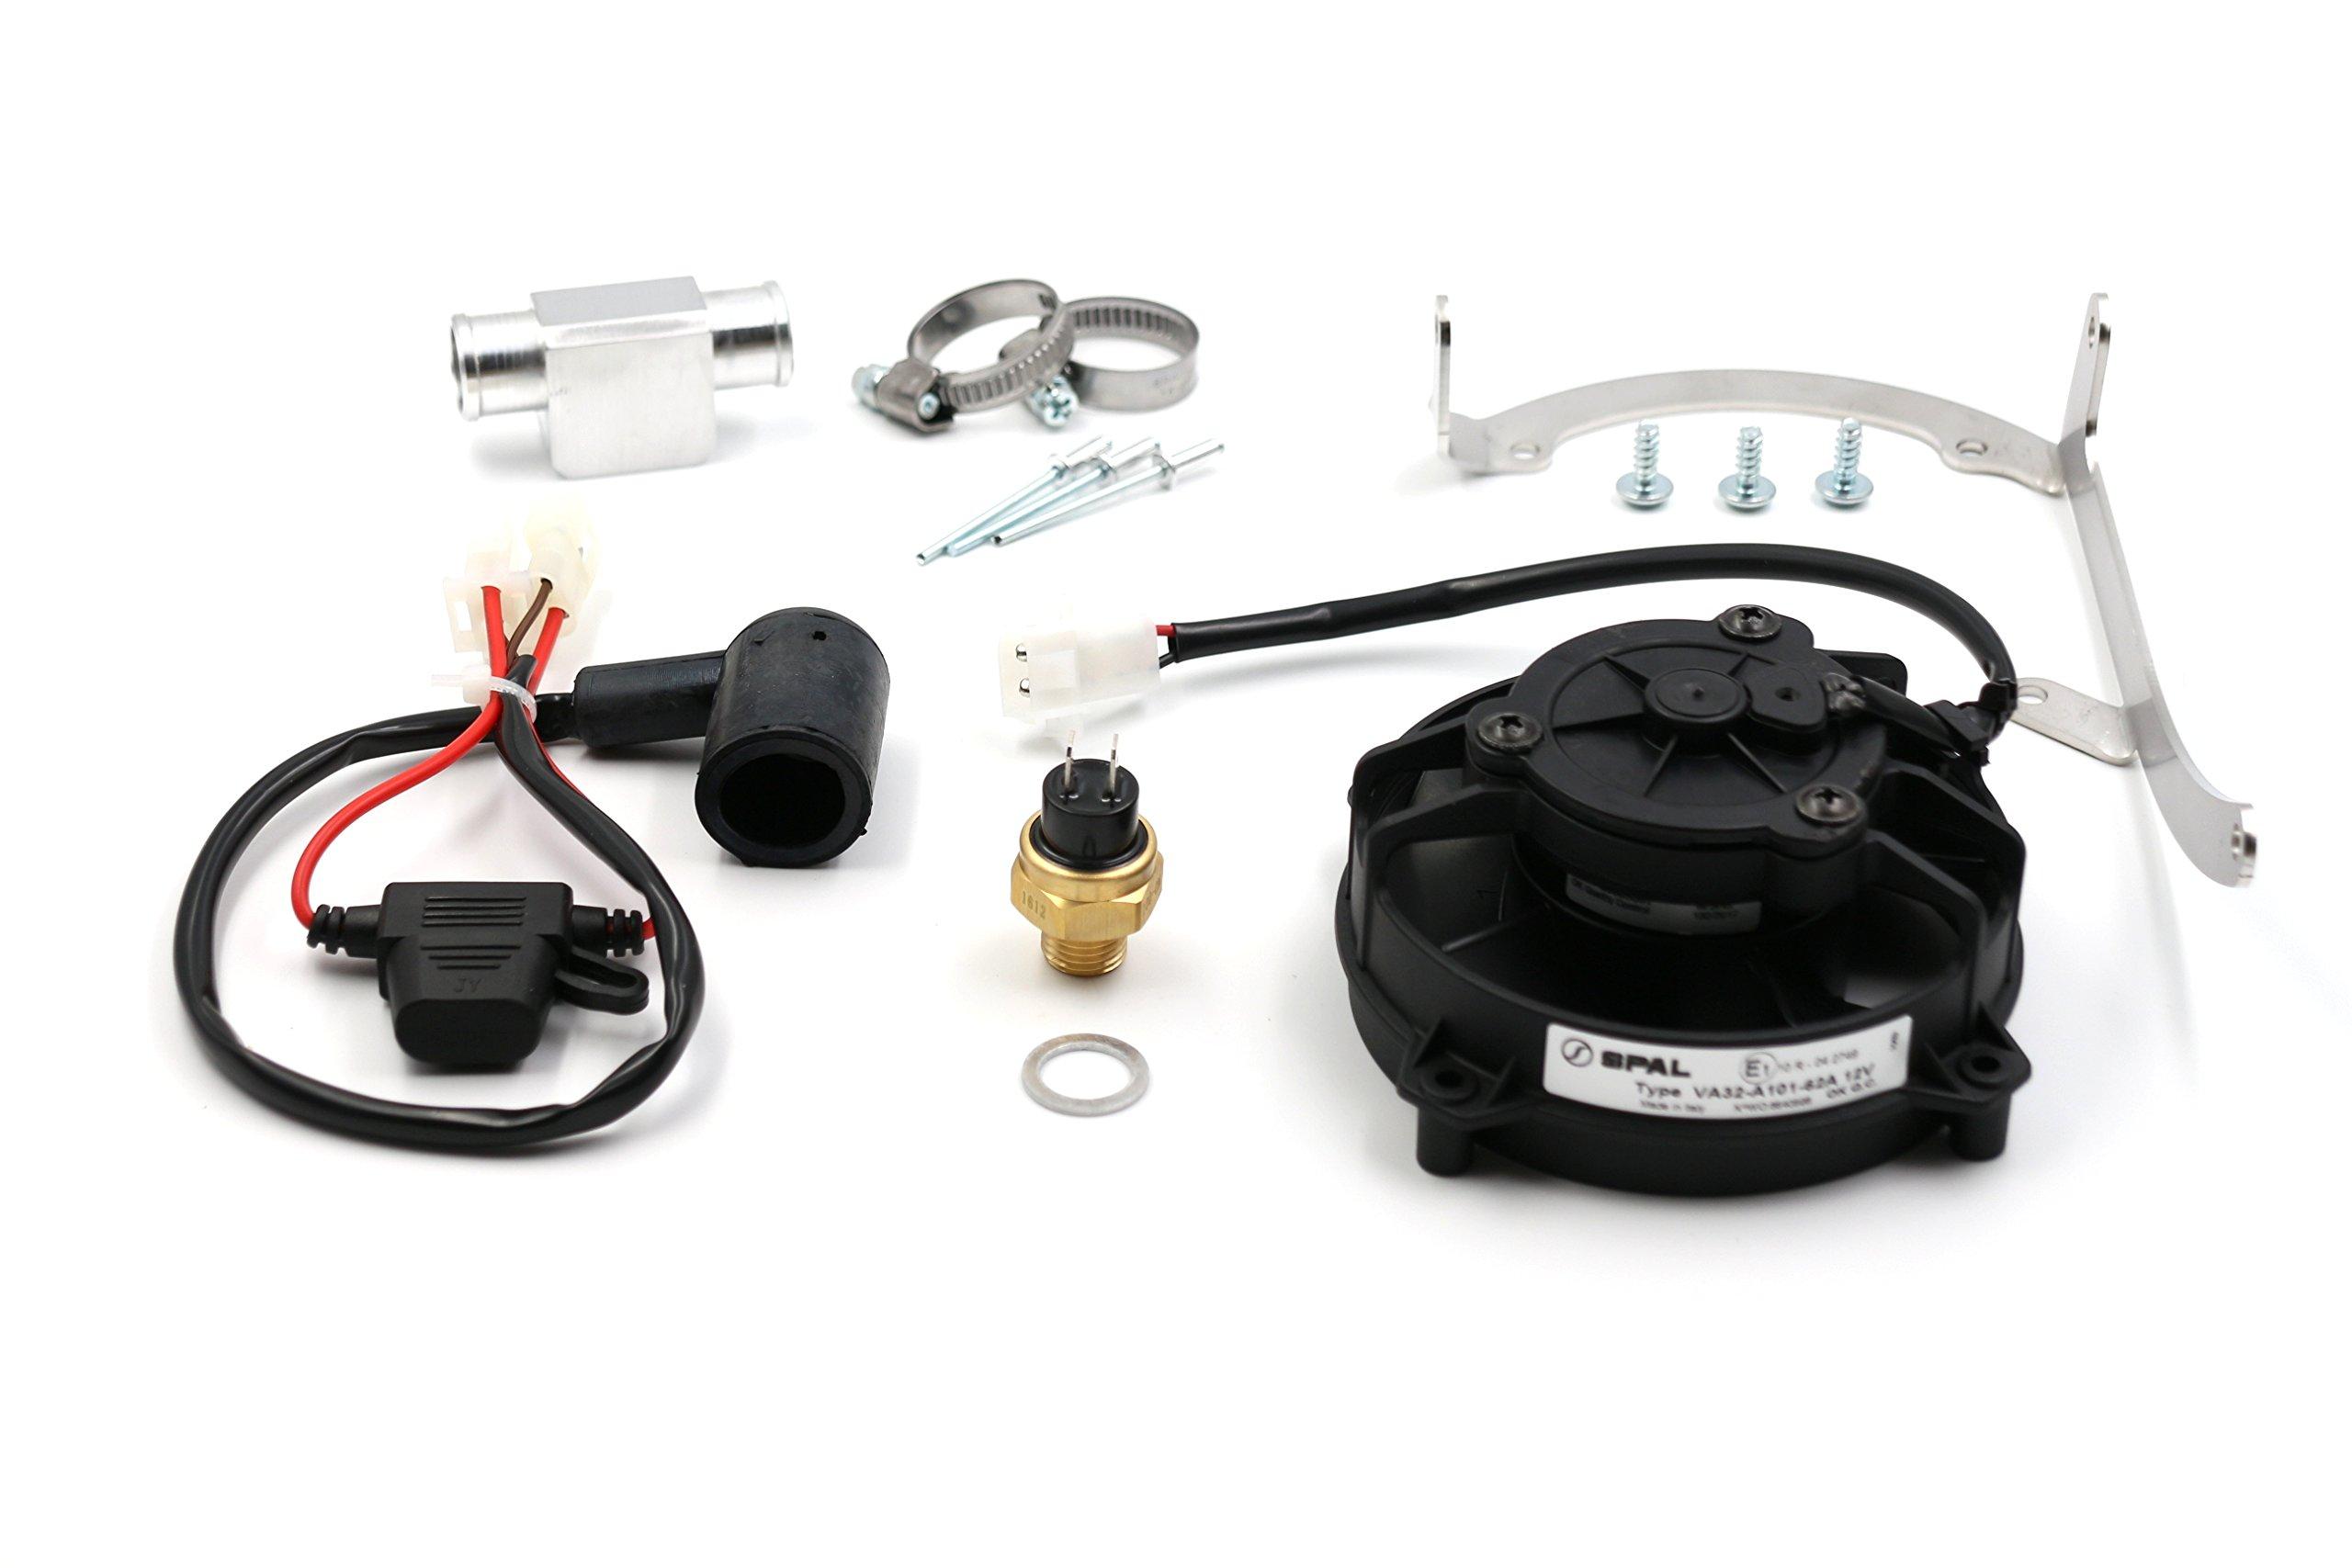 Axial Fan, Original Spal Ventilator for KTM, HUSQVARNA, HUSABERG 2STROKE from 2008-2016